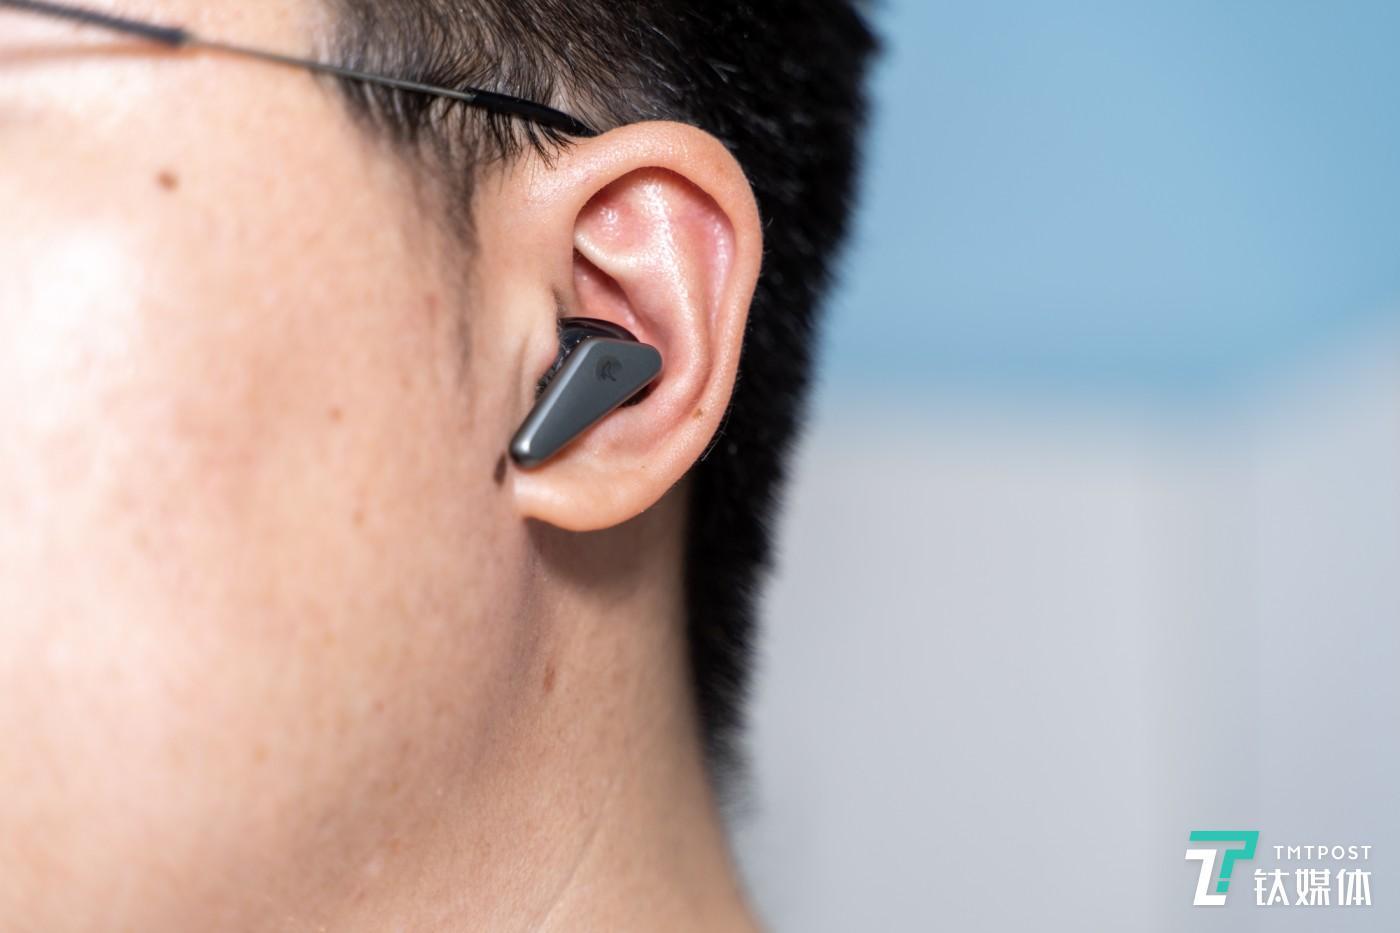 体验30dB降噪能力,小鸟音响TRACK Air+真无线降噪耳机评测 | 钛极客